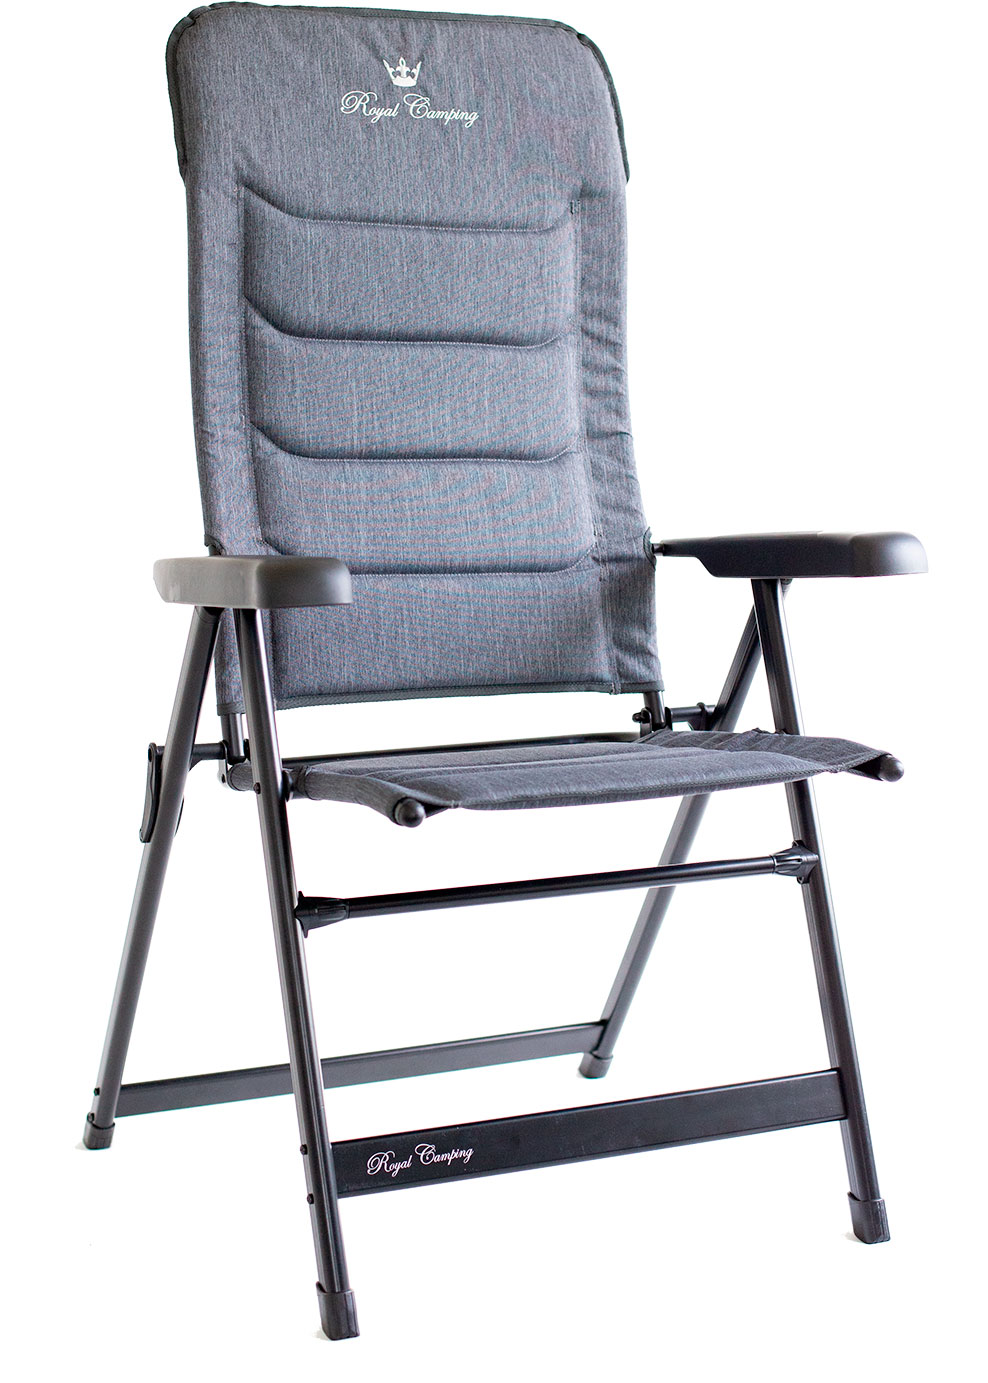 Guide: Bord och stolar till husbilen eller husvagnen på campingen